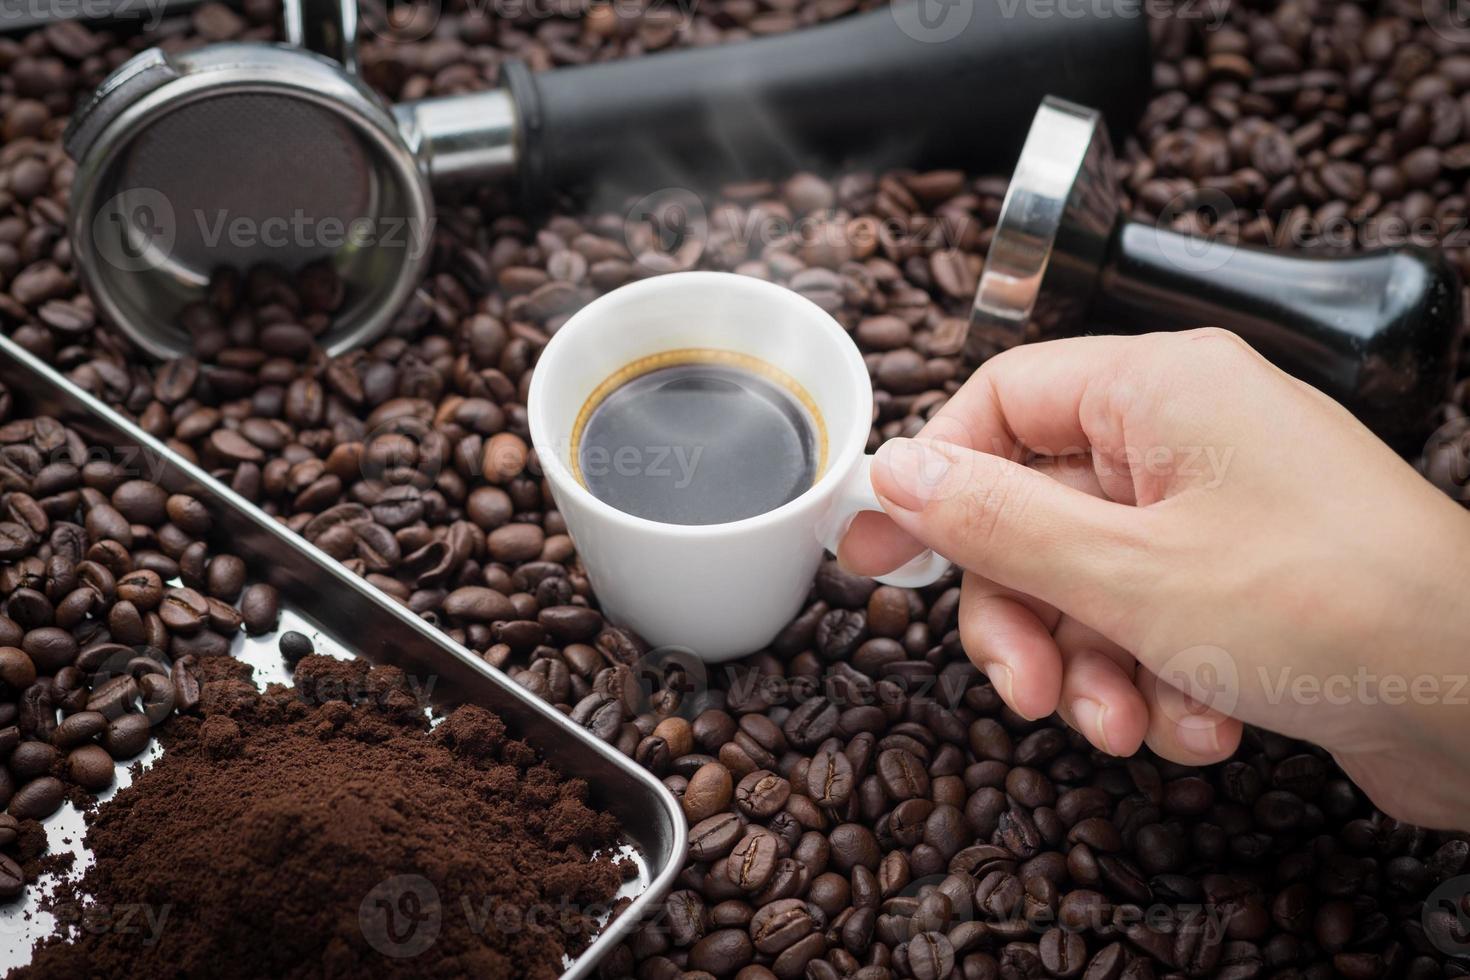 mattina fresca con caffè espresso fresco foto